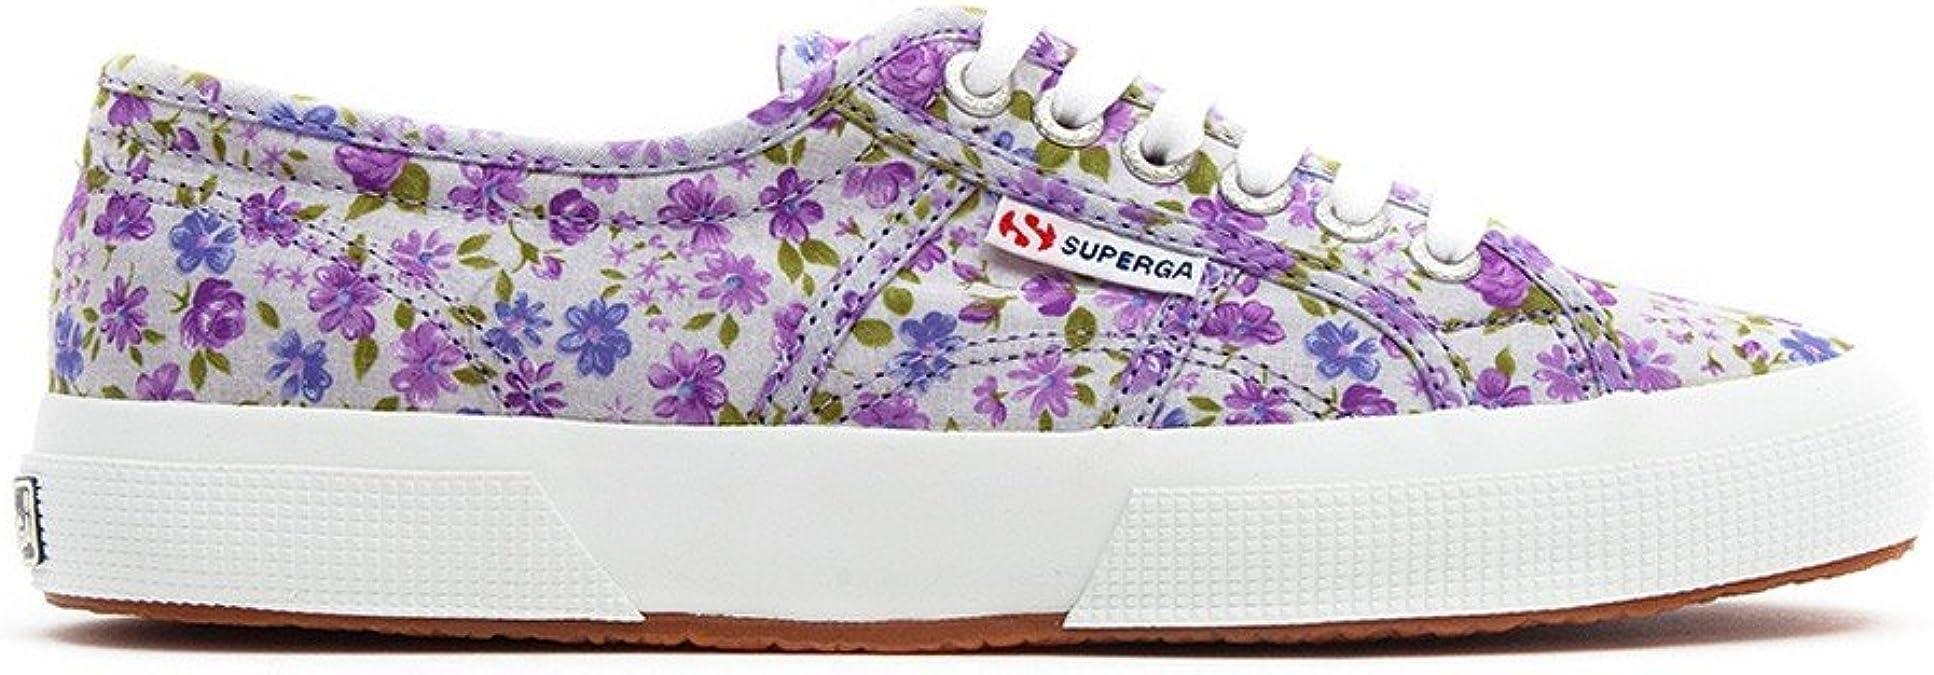 Superga, Viola White / Violet 38.5